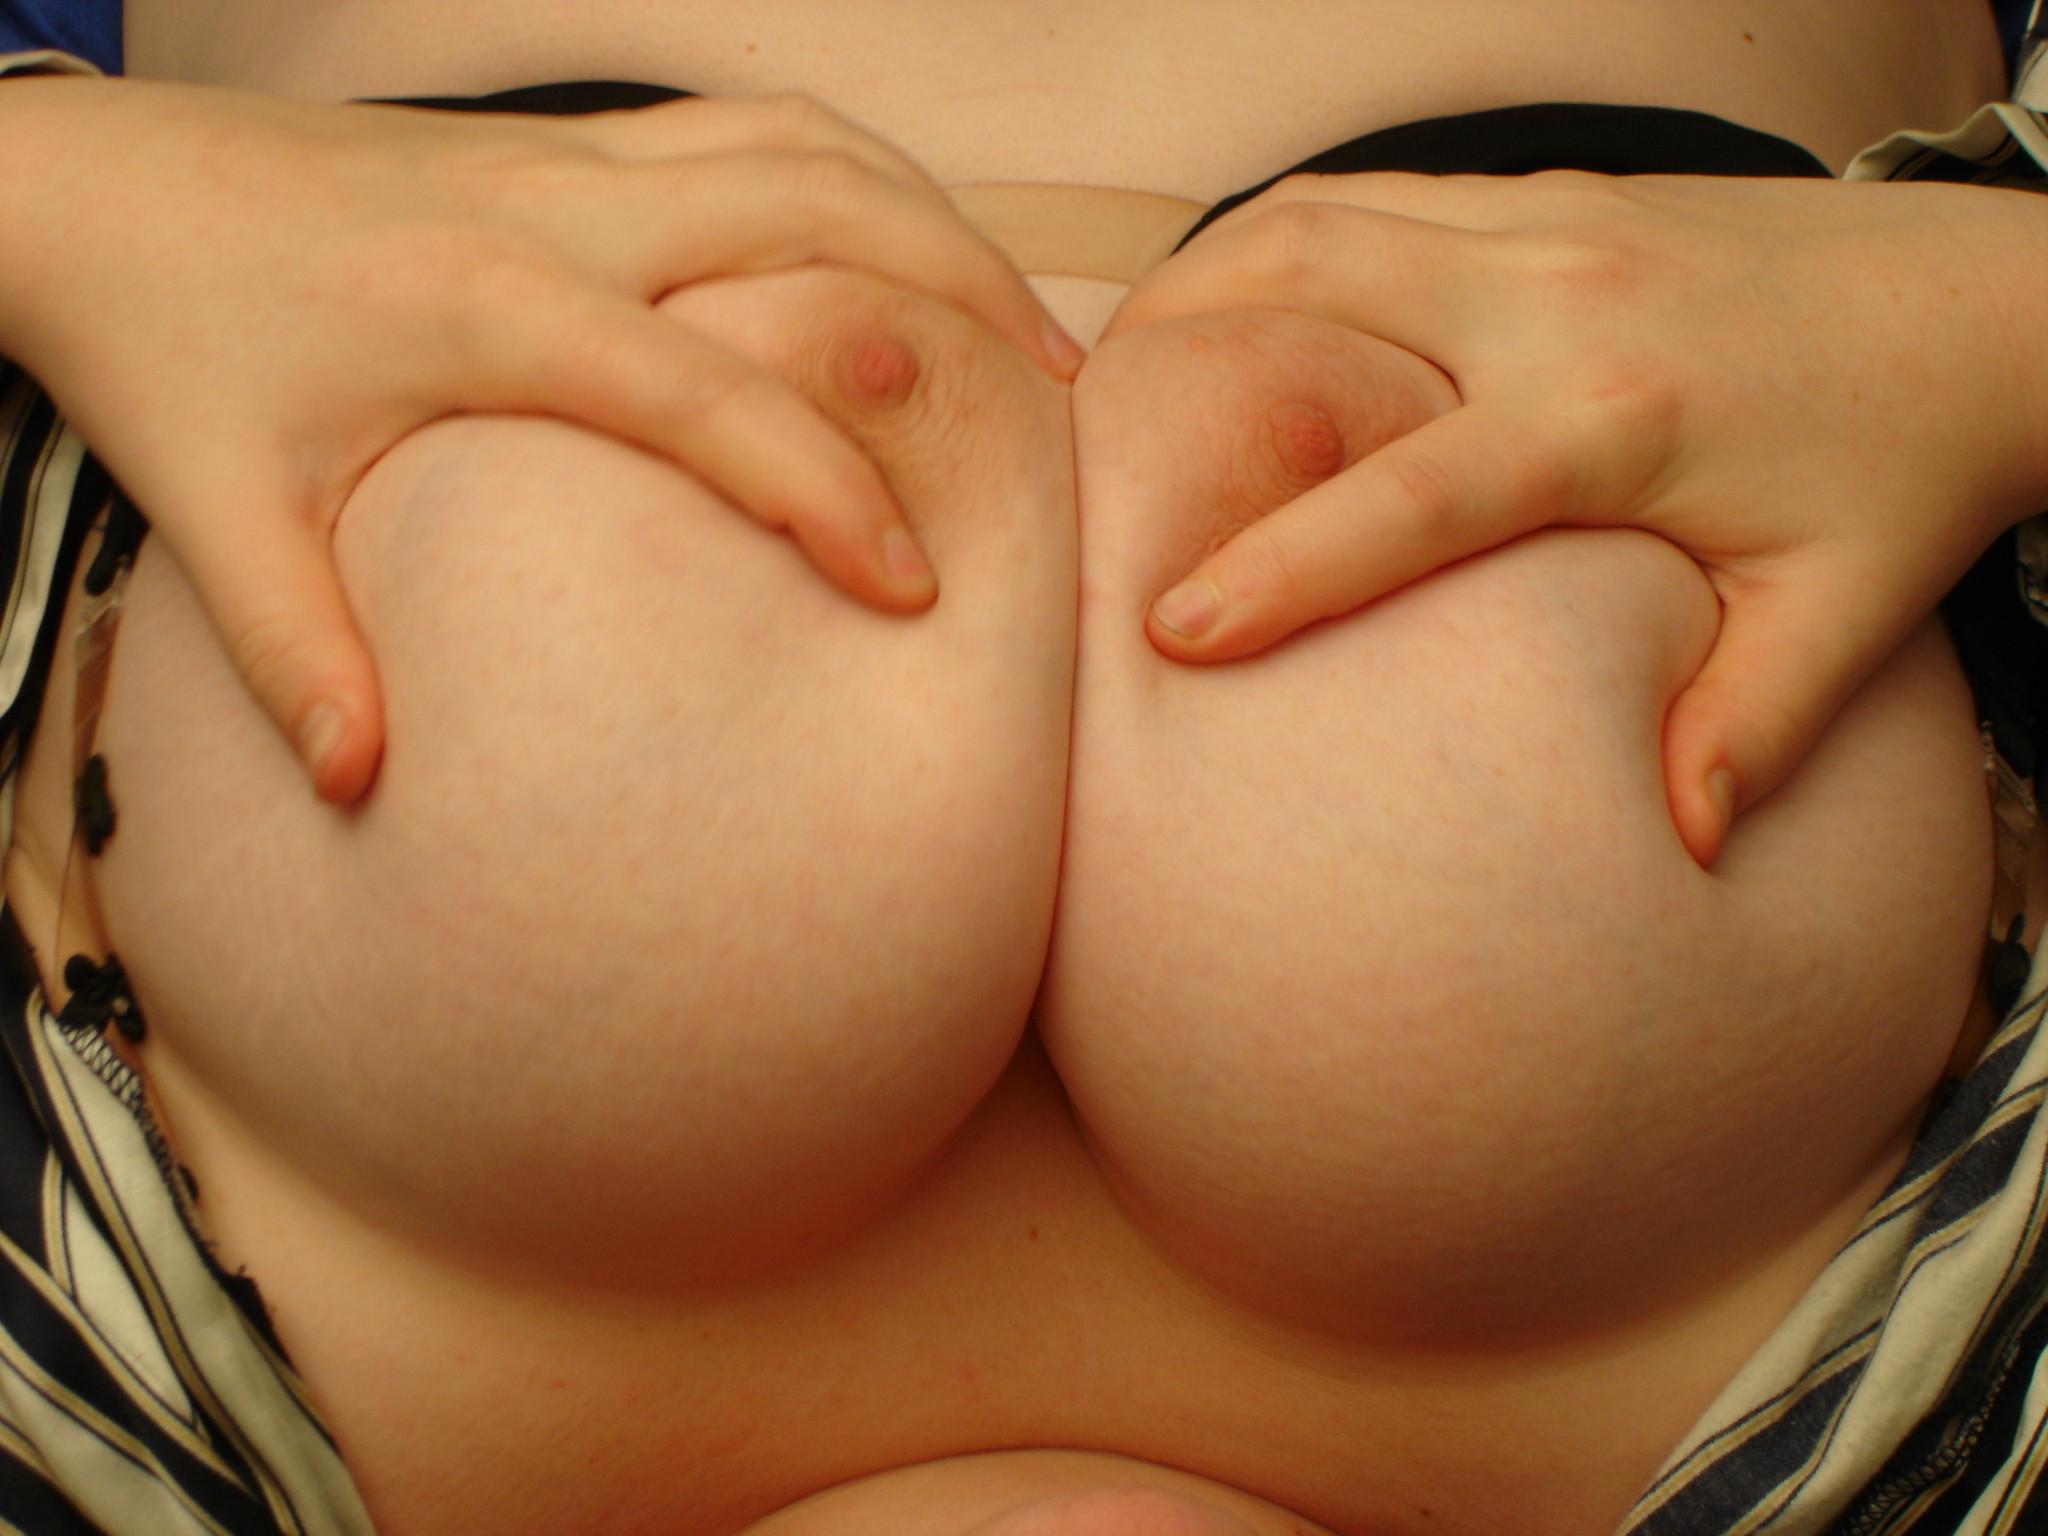 【巨乳エロ画像】「顔は要らん兎に角大きなおっぱいだけ見たい」乳を愛でる方々に捧げるデカパイ接写www 04